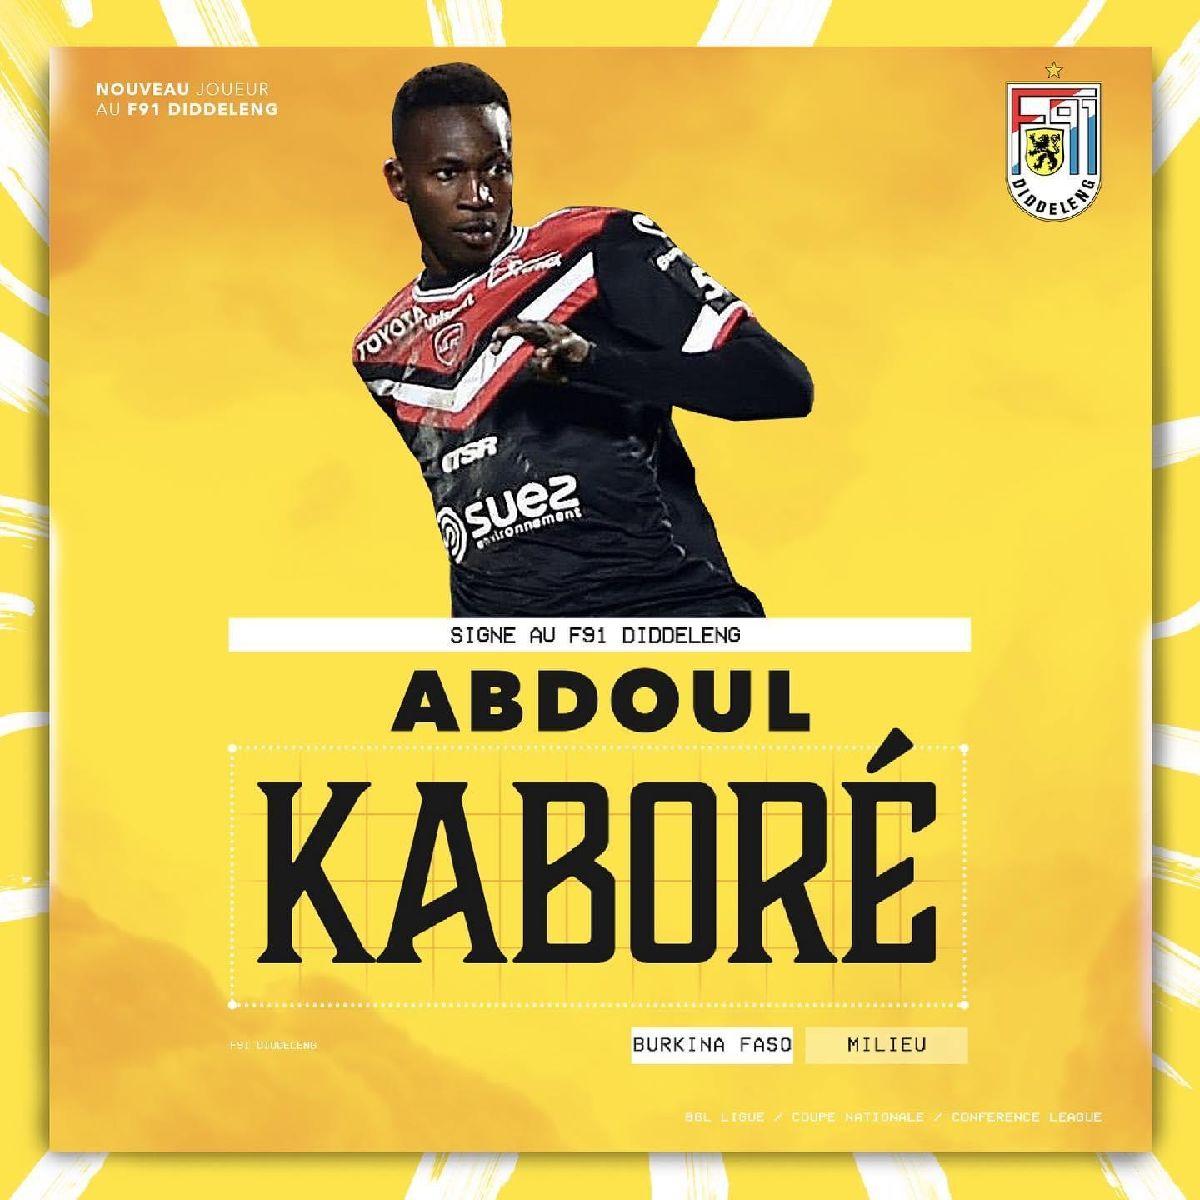 Abdoul Kaboré rejoint le F91